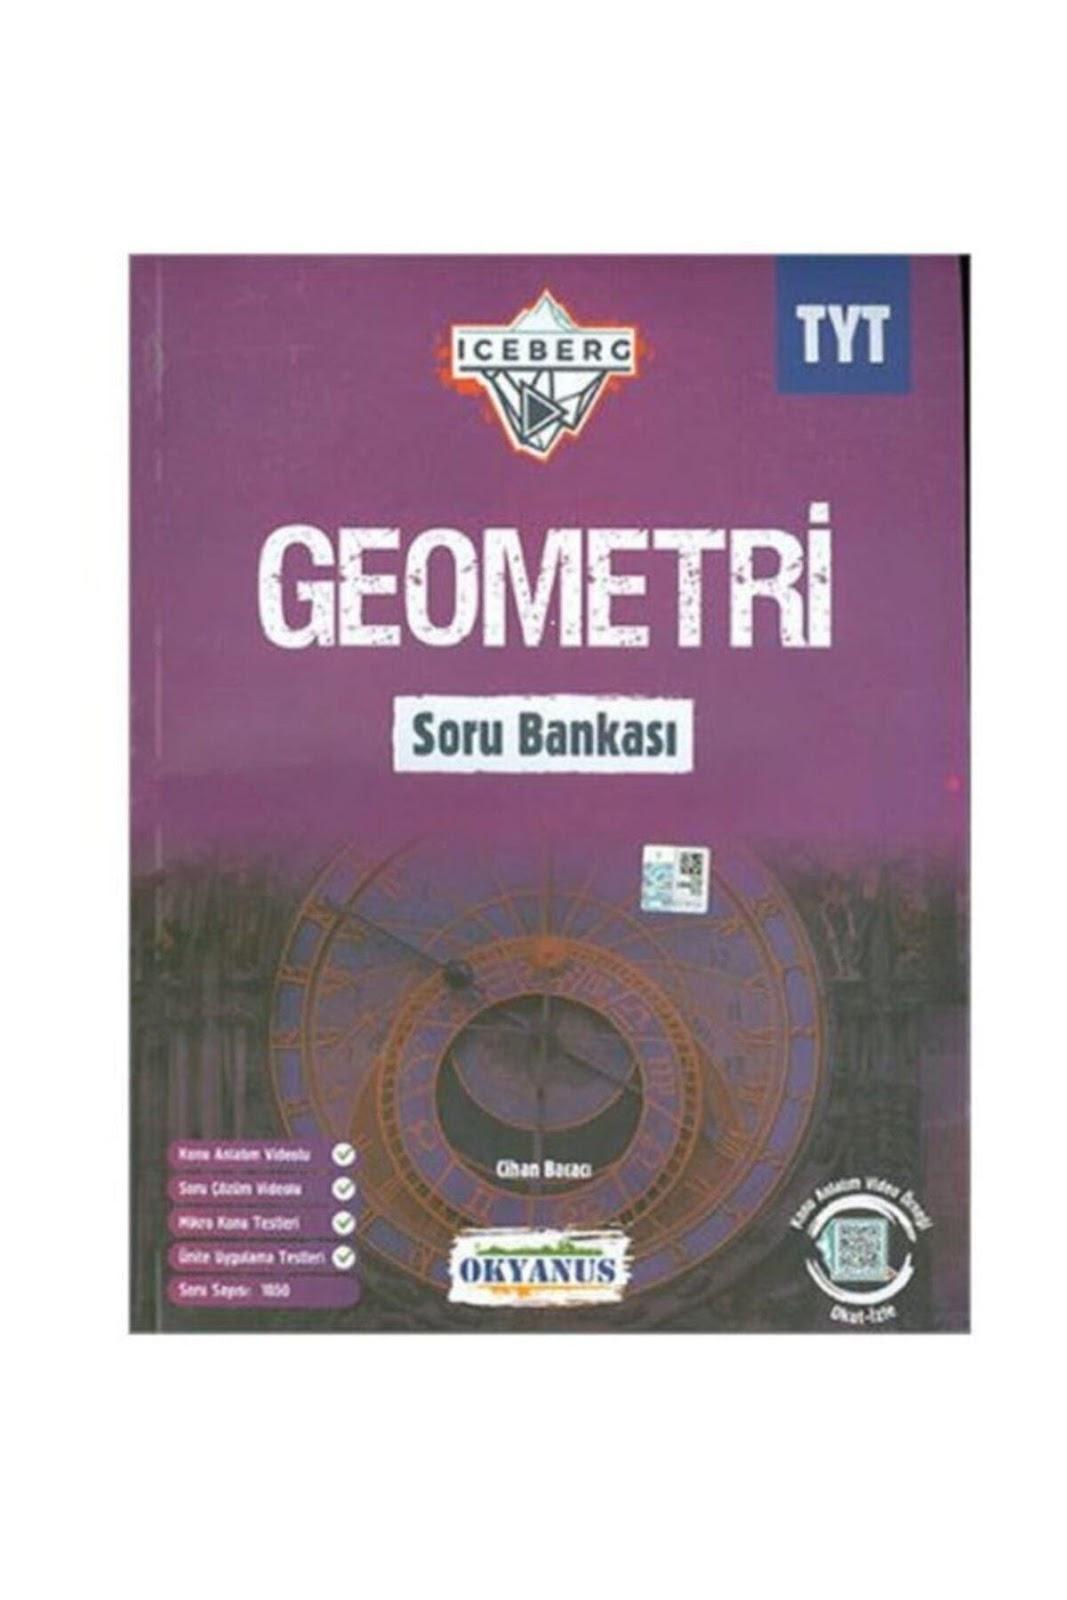 Okyanus Yayınları - TYT Geometri - İceberg Soru Bankası